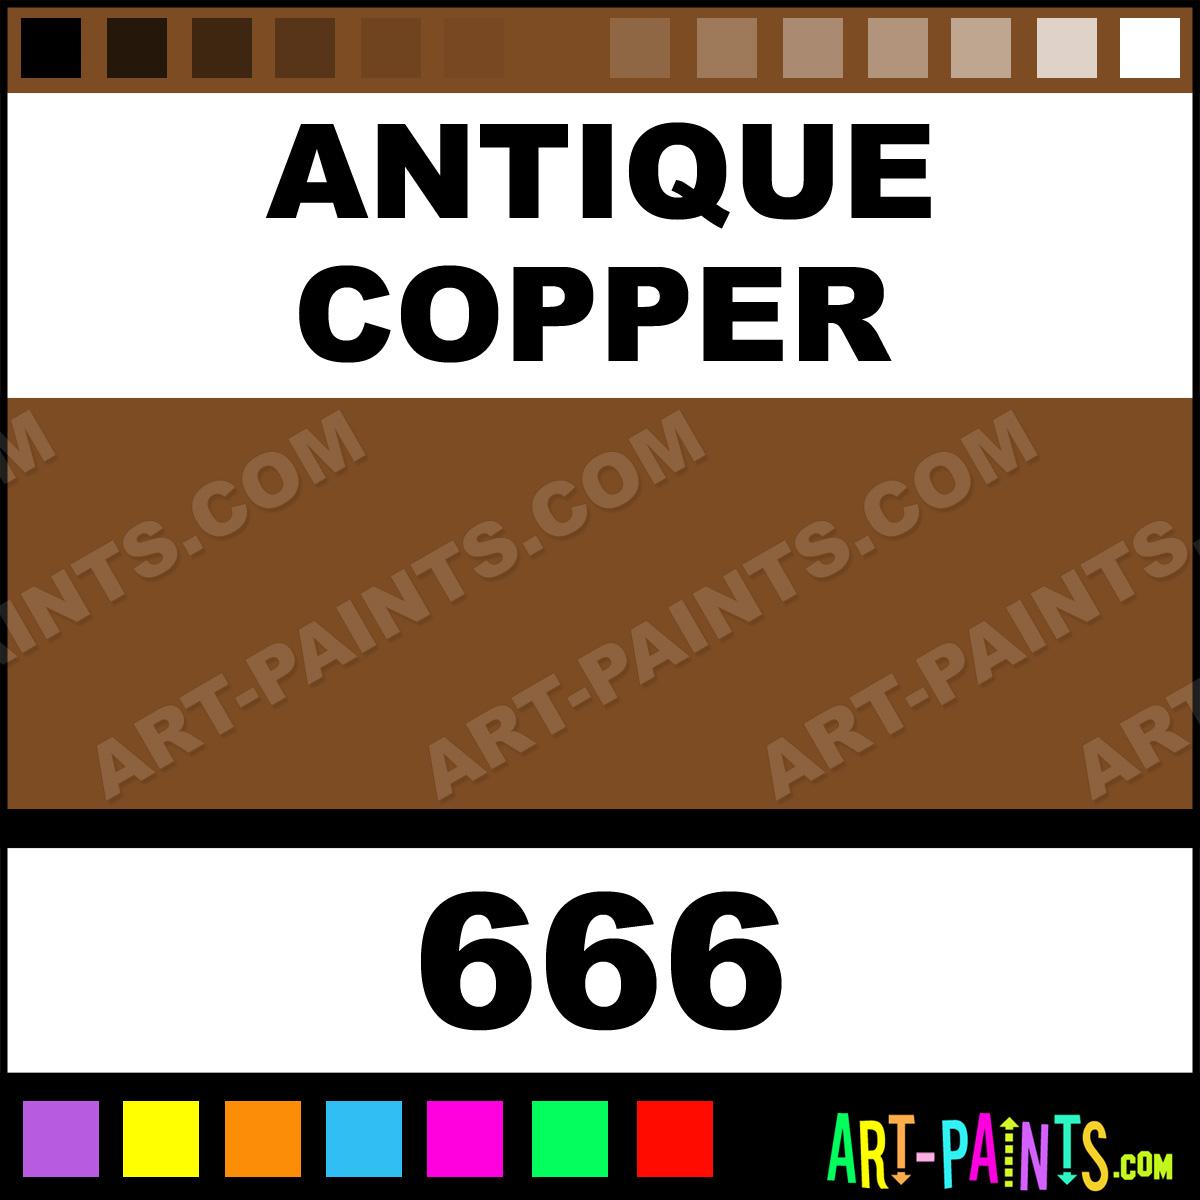 Antique Copper Plaid Acrylic Paints 666 Antique Copper